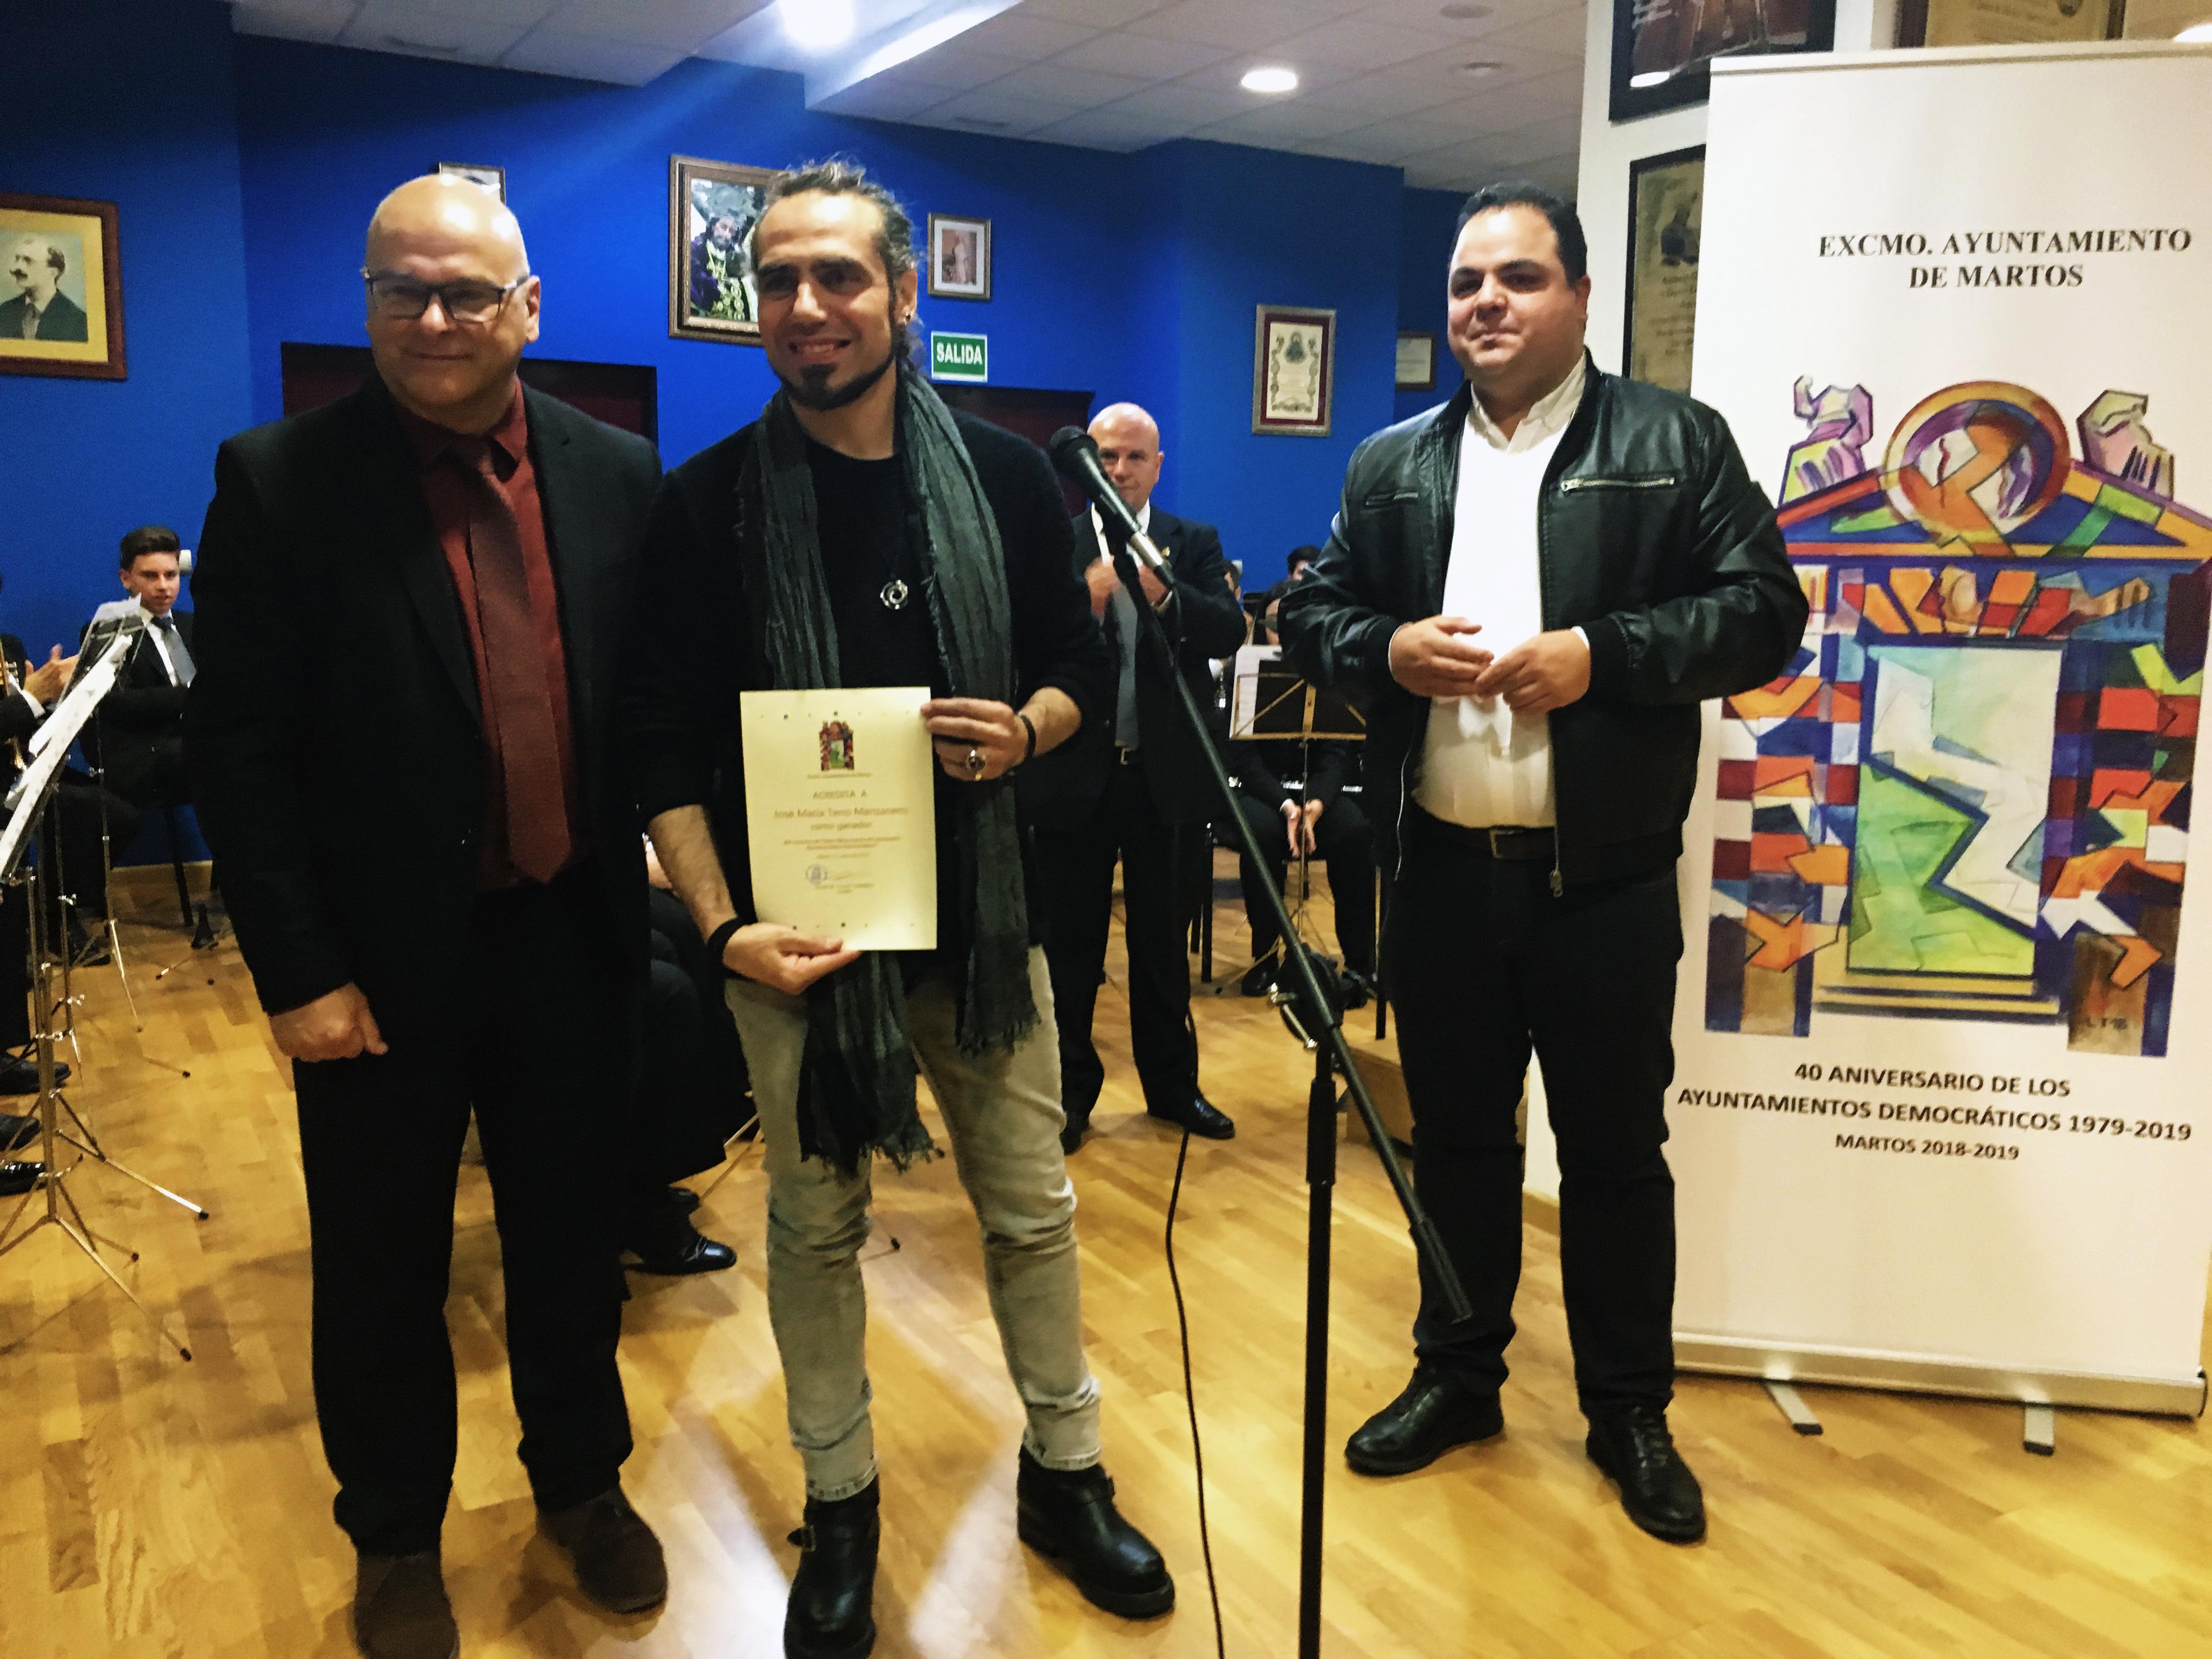 El Escultor Criptanense Xema Teno, Premio del Concurso de Ideas para el Monumento al 40 Aniversario de los Primeros Ayuntamientos Democráticos